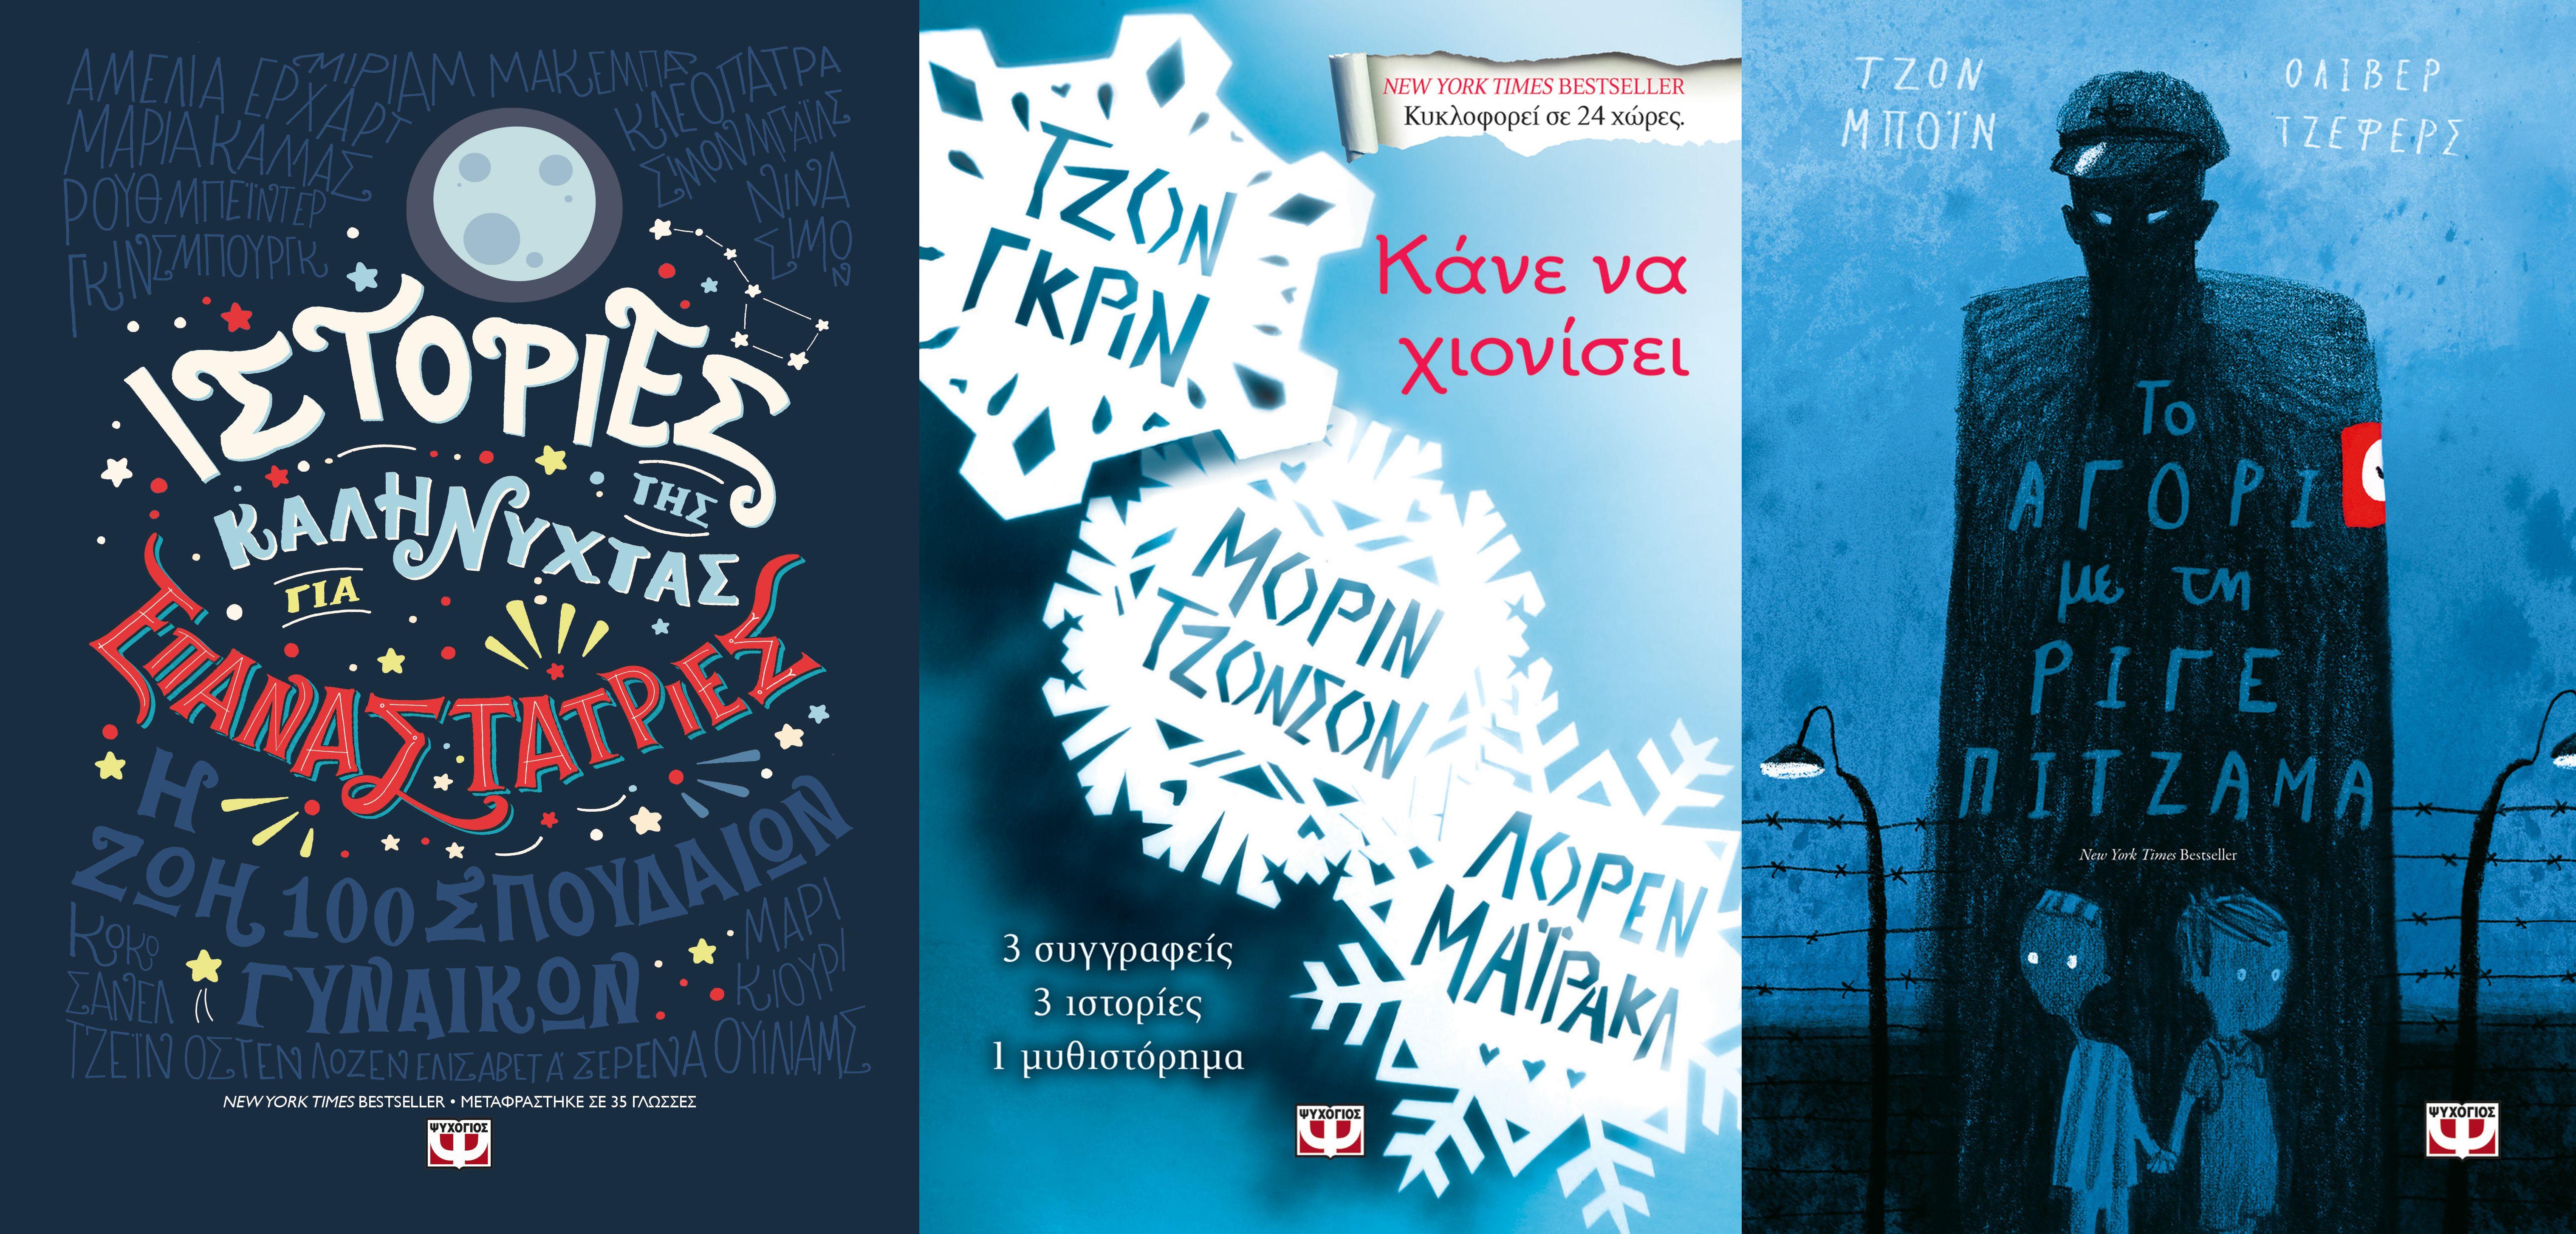 Τρία νέα βιβλία για εφήβους από τις εκδόσεις Ψυχογιός eeb976c2355